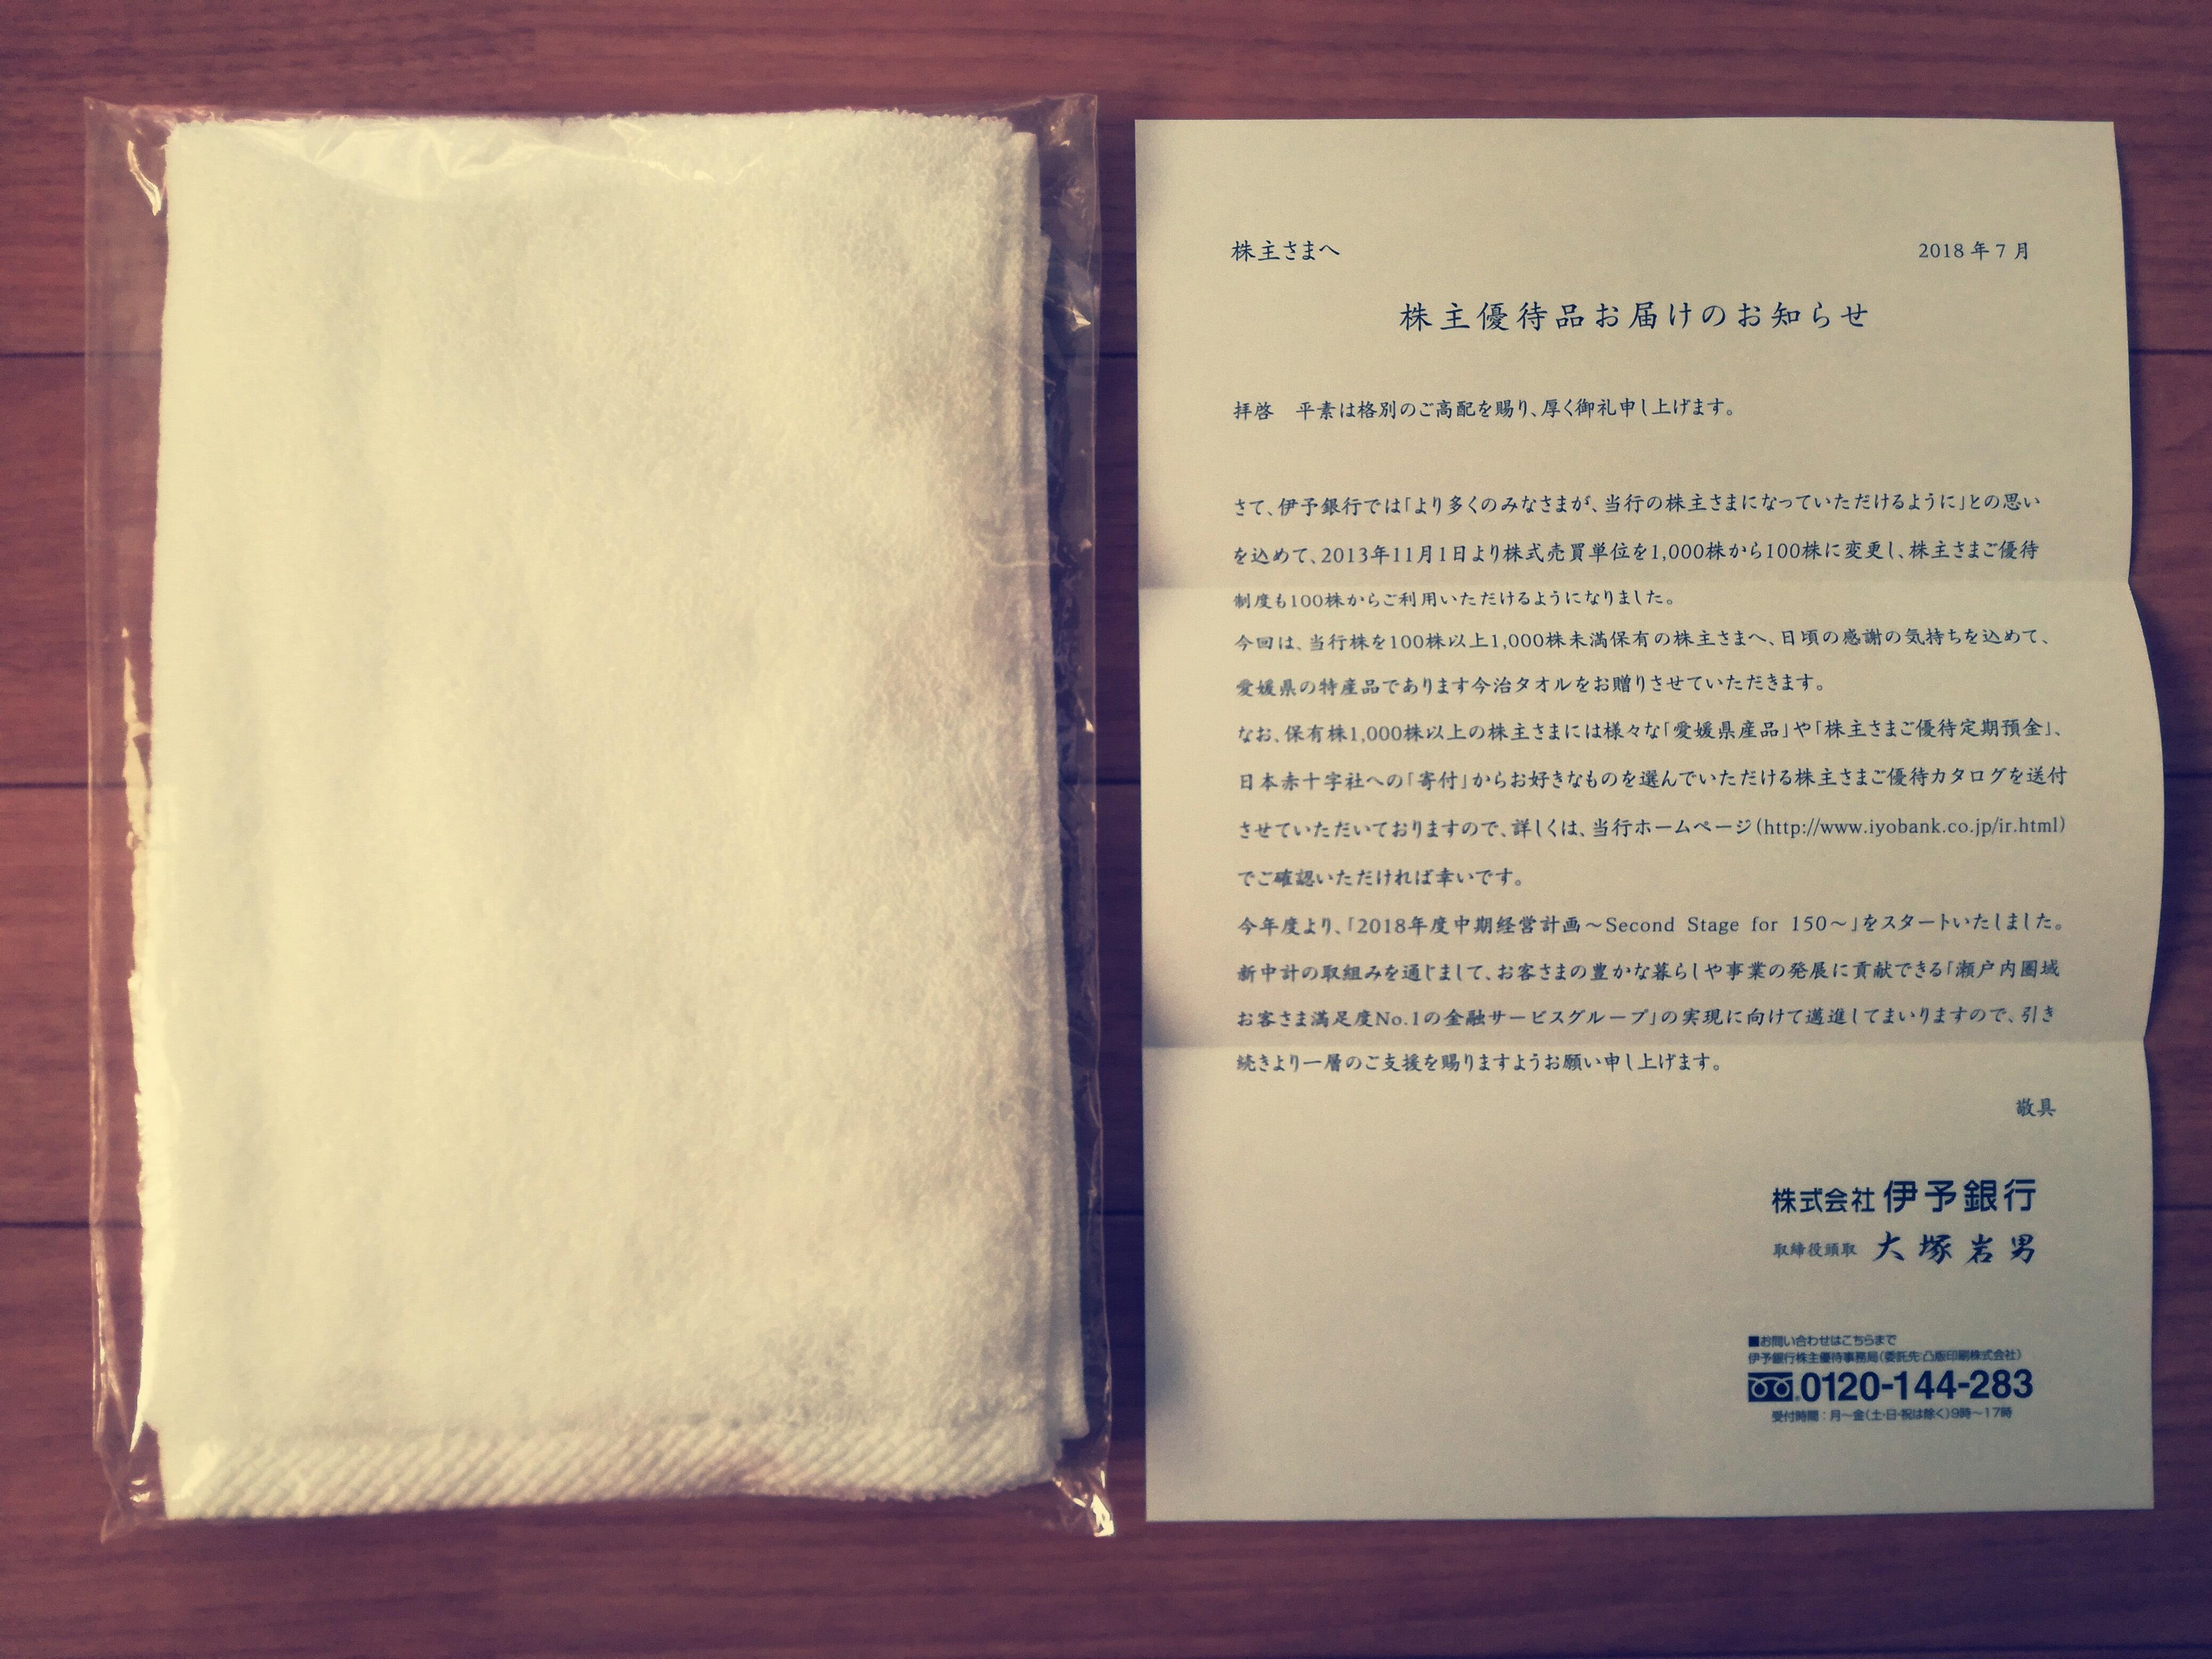 伊予銀行(8385)から我が家では人気ナンバーワンの今治タオルの株主優待が到着!